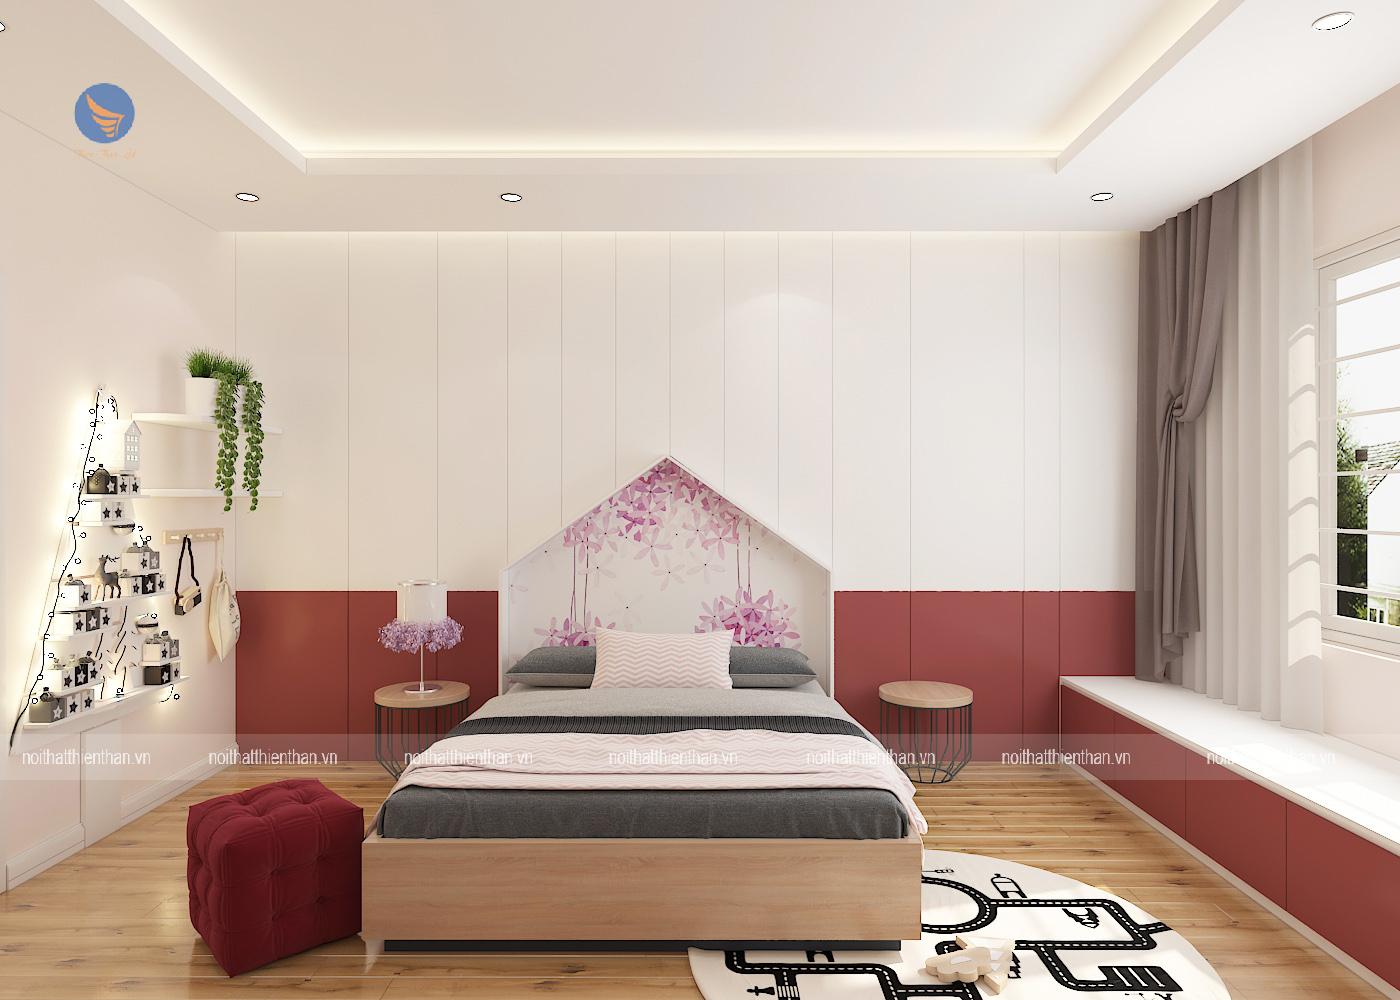 phòng ngủ đẹp màu hồng